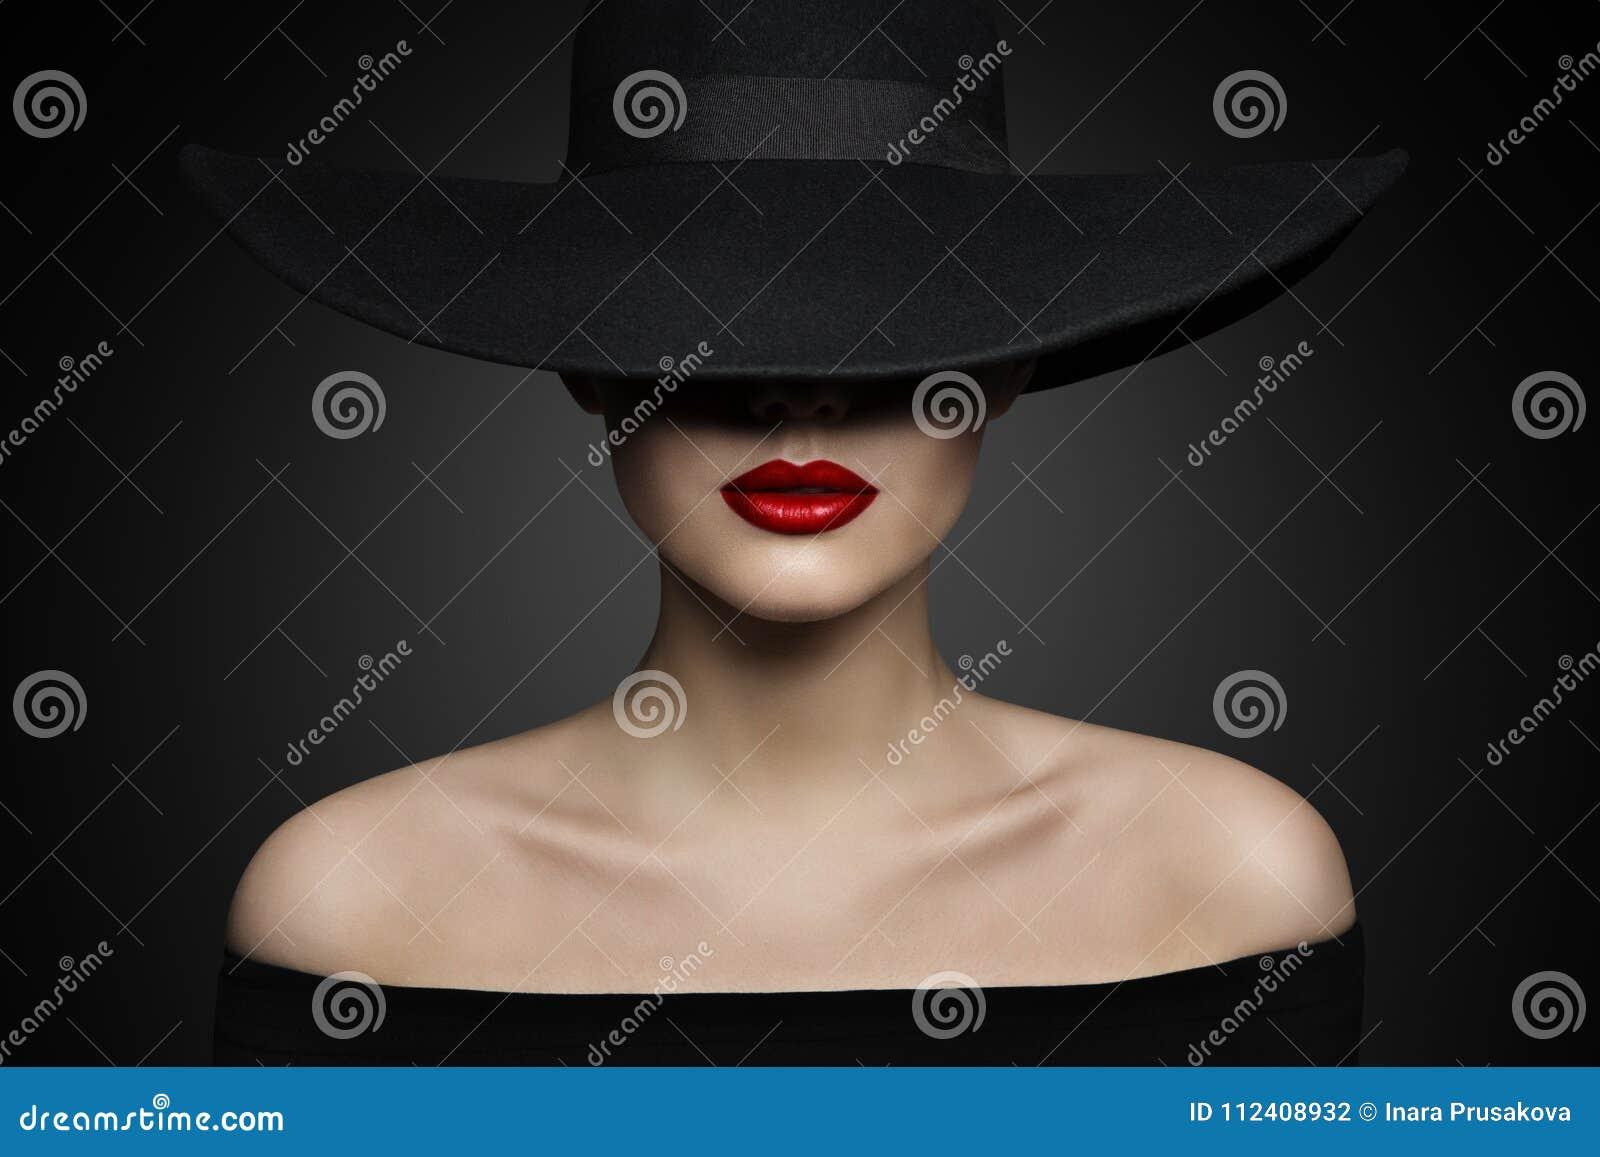 Woman Hat Lips and Shoulder, Elegant Fashion Model in Black Hat